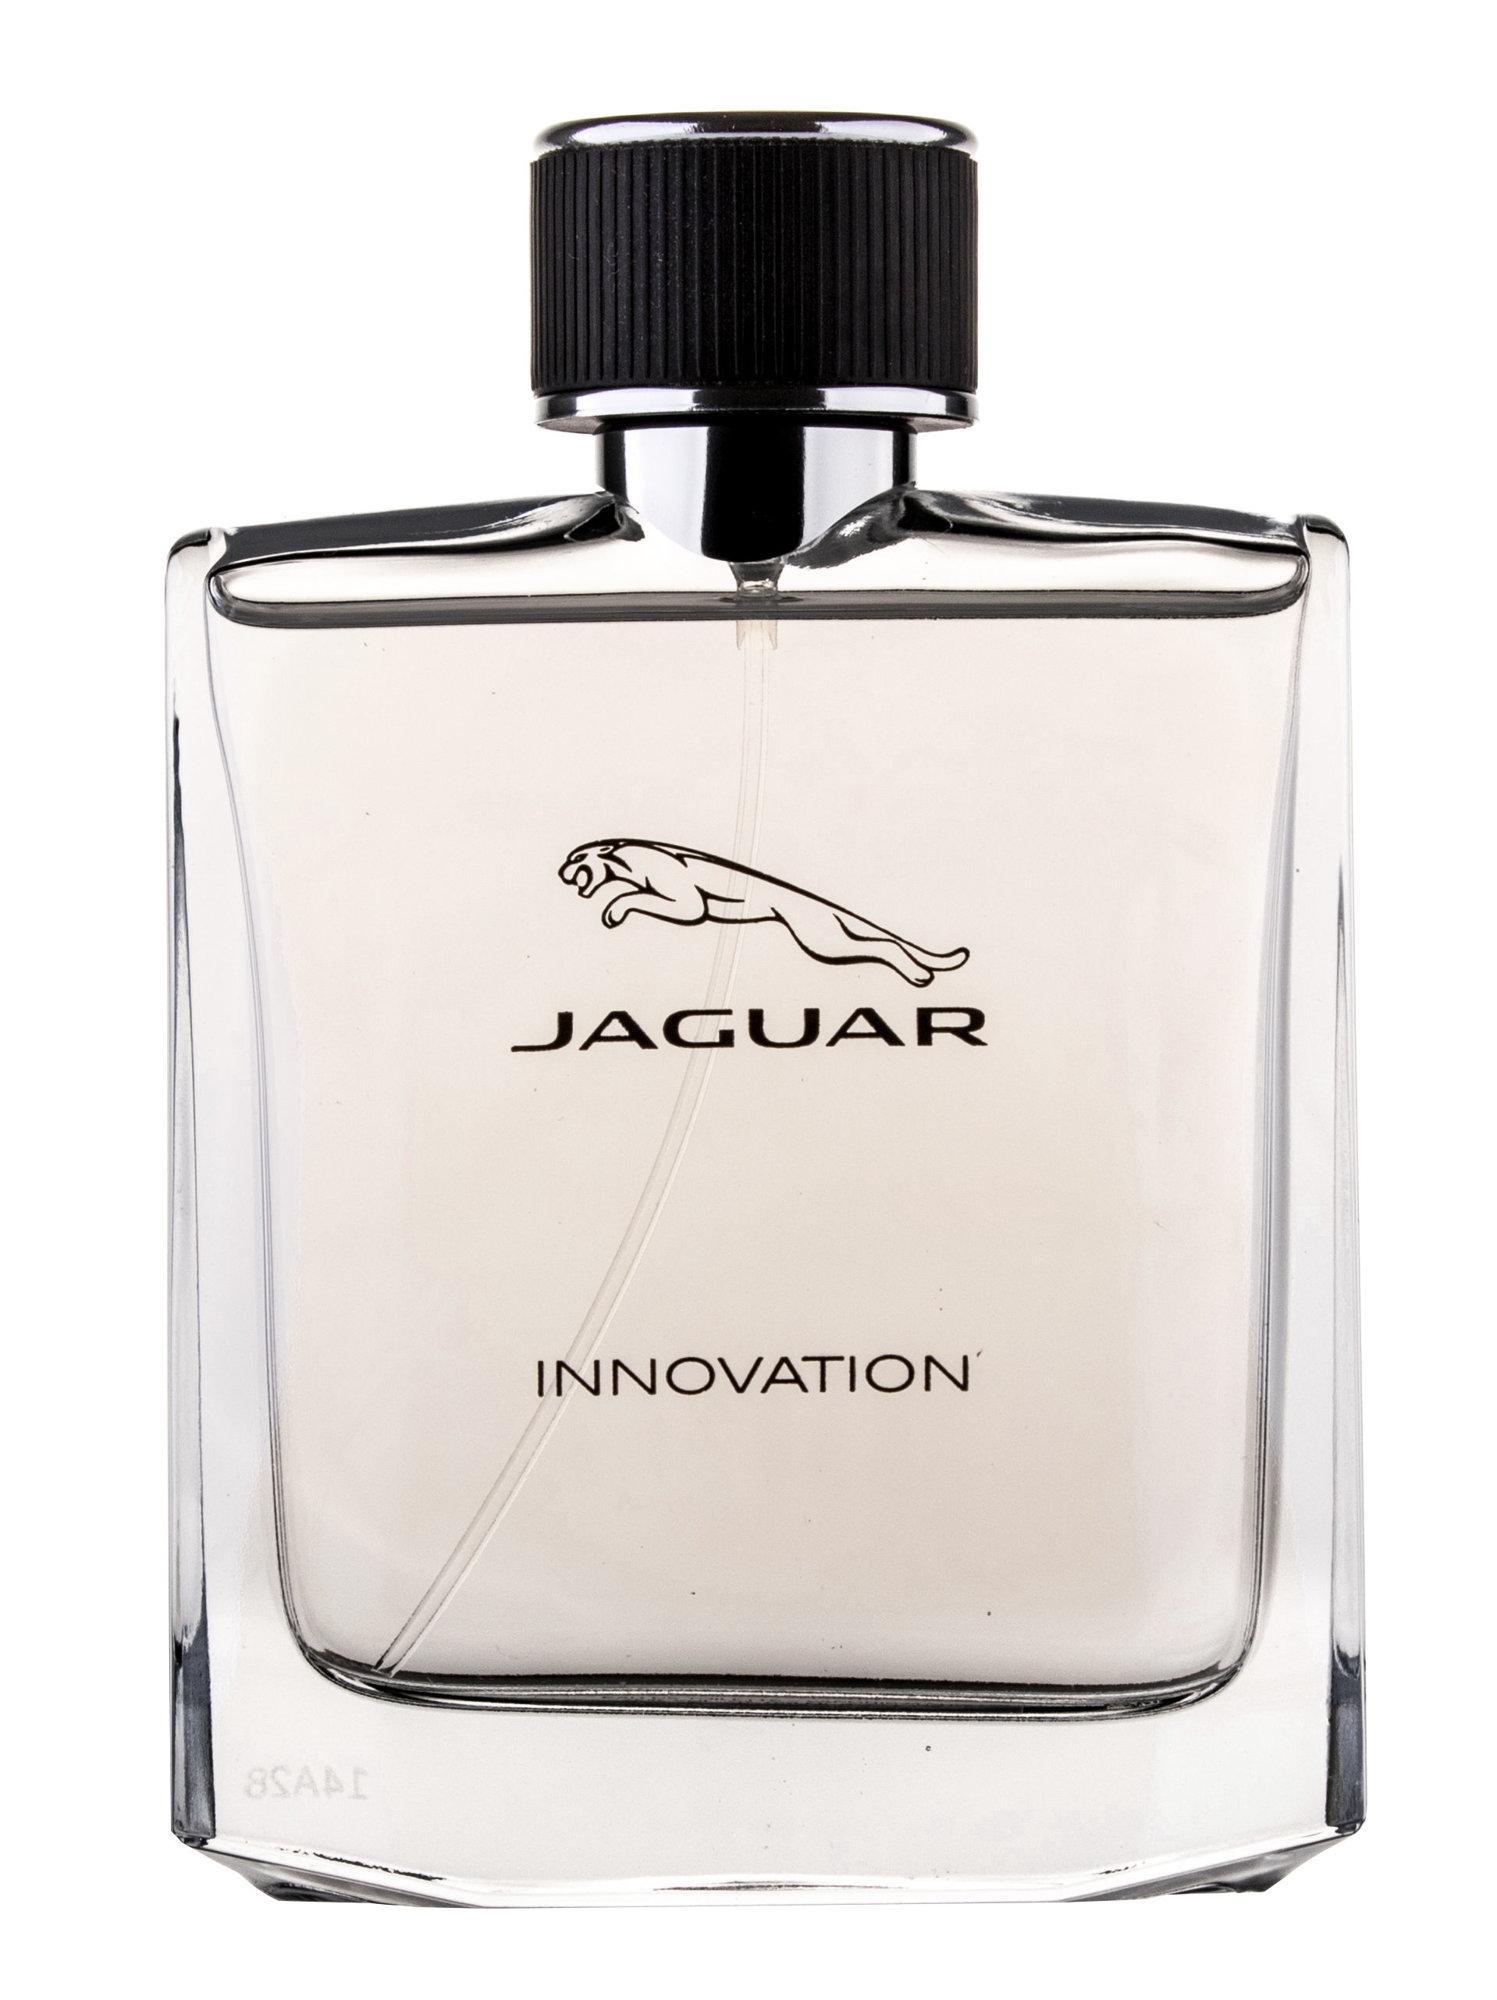 Jaguar Innovation EDT 100ml